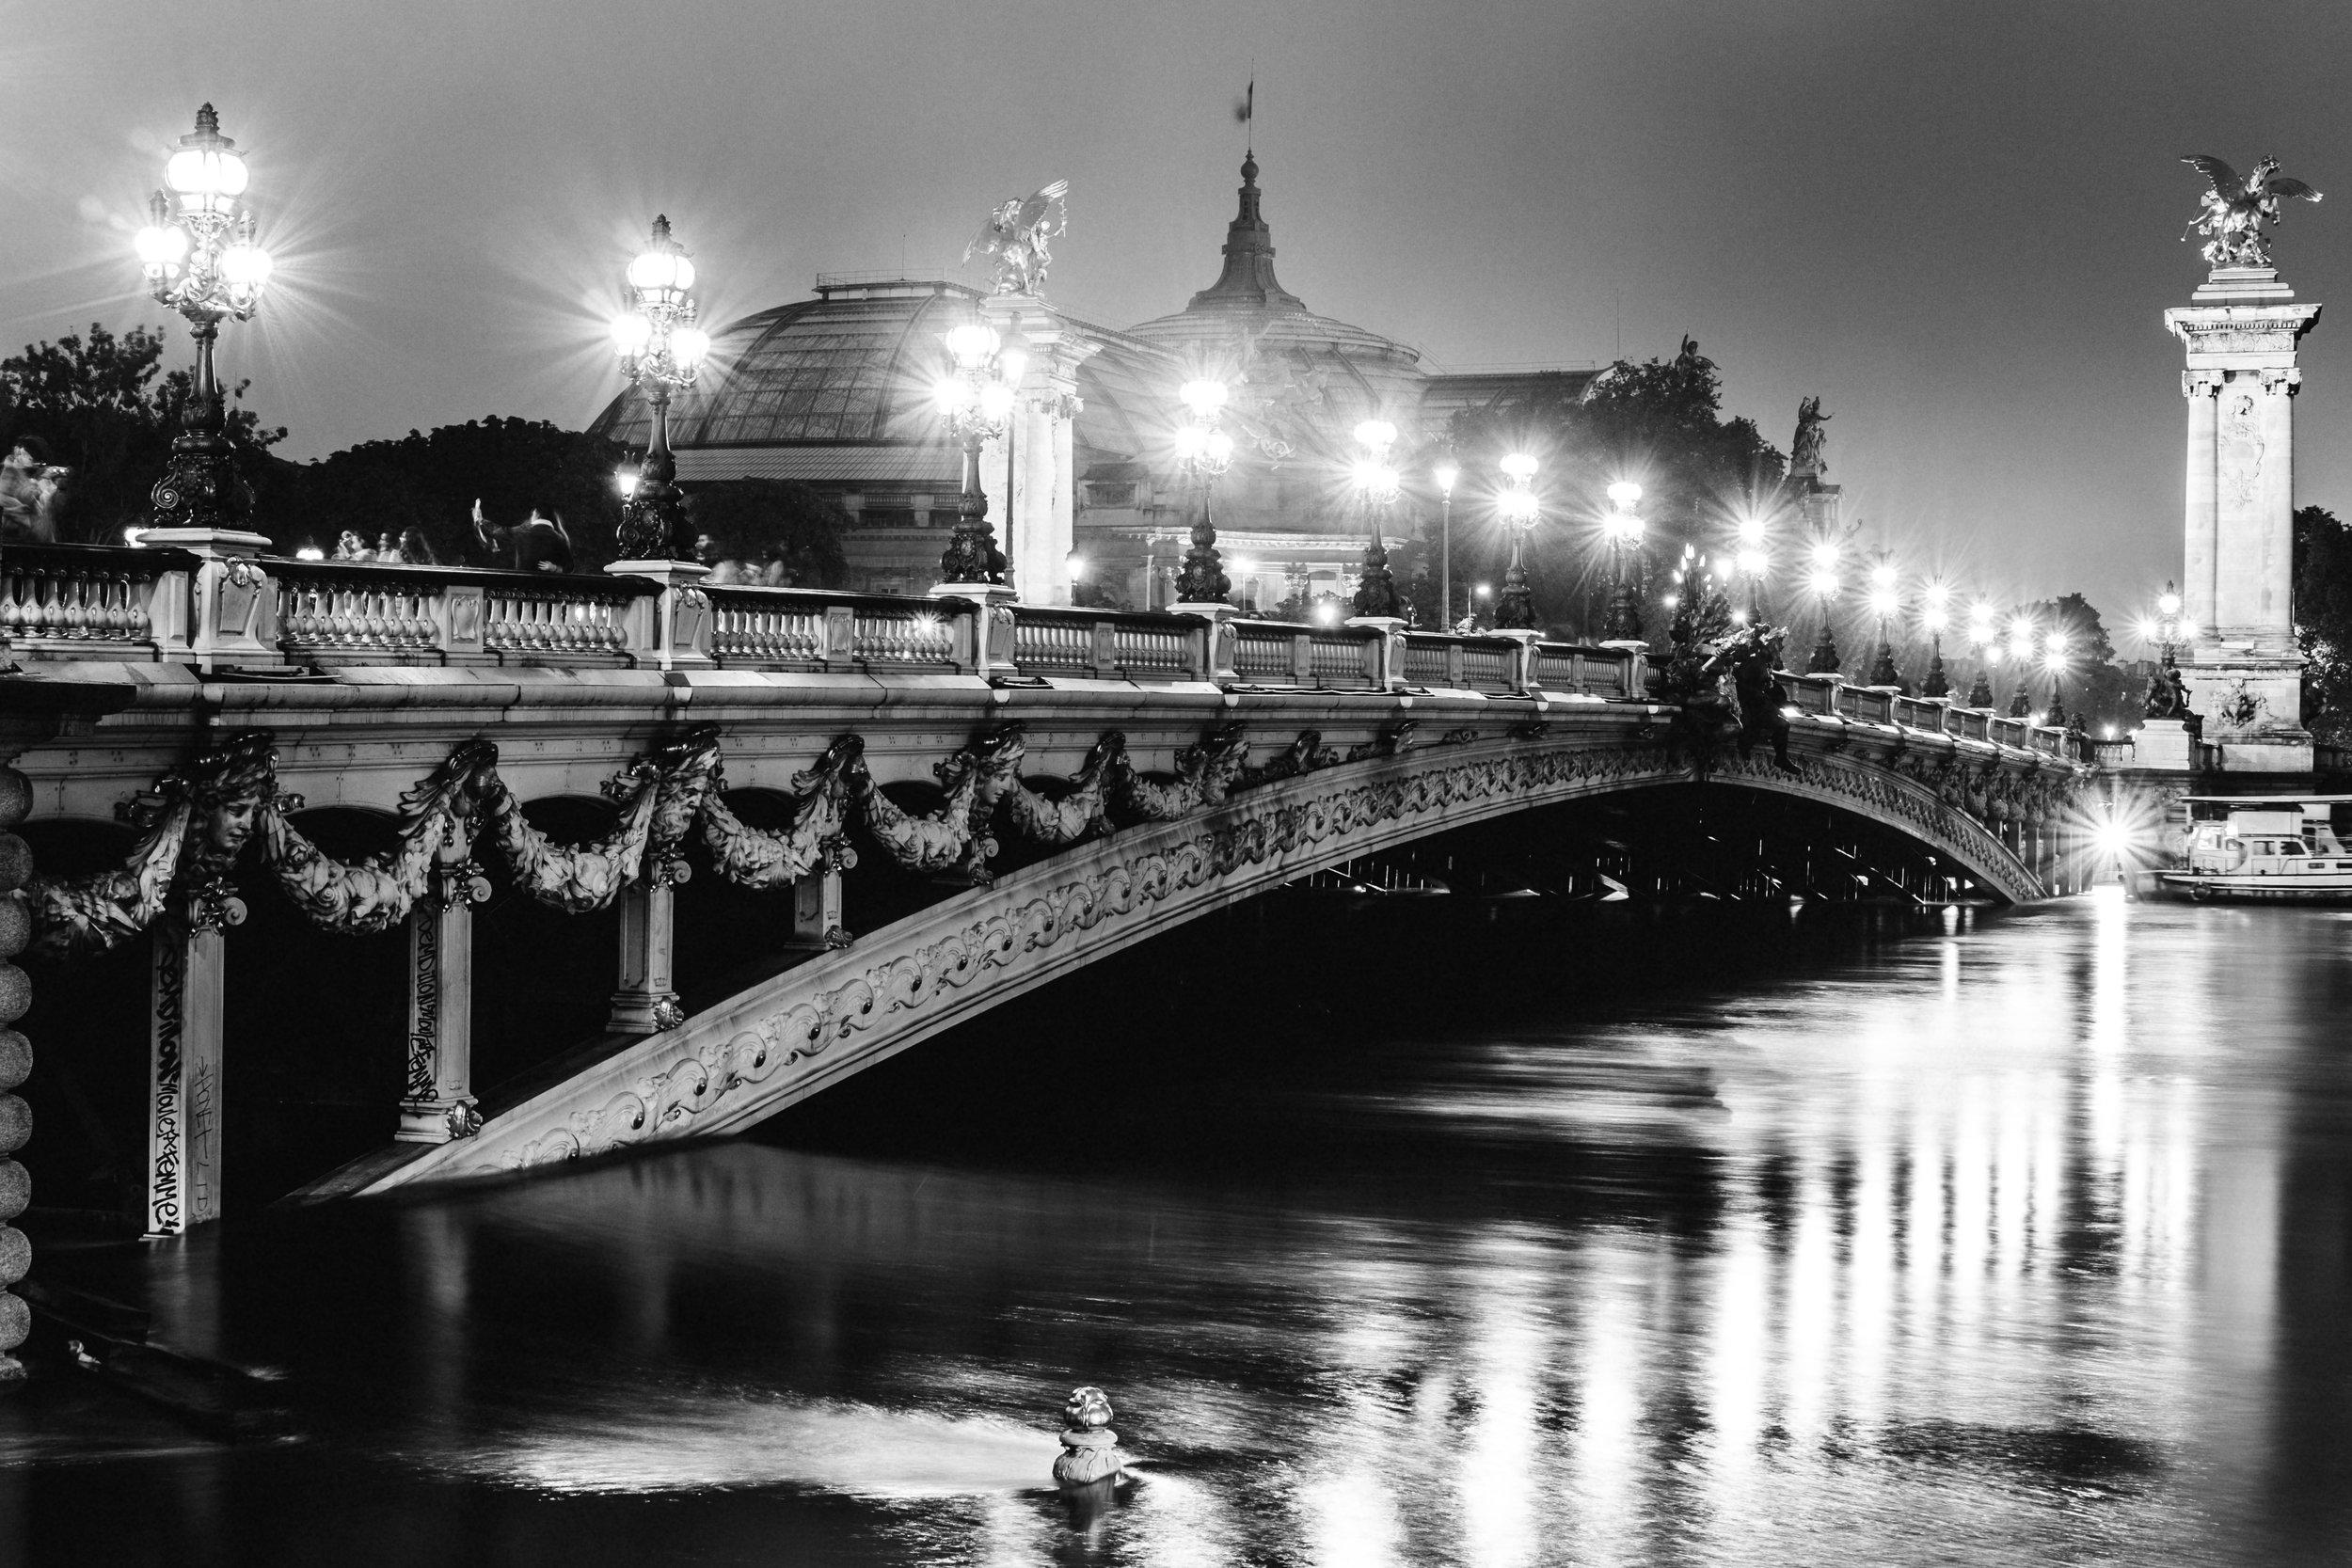 Le pont Alexandre III, Paris. 2016